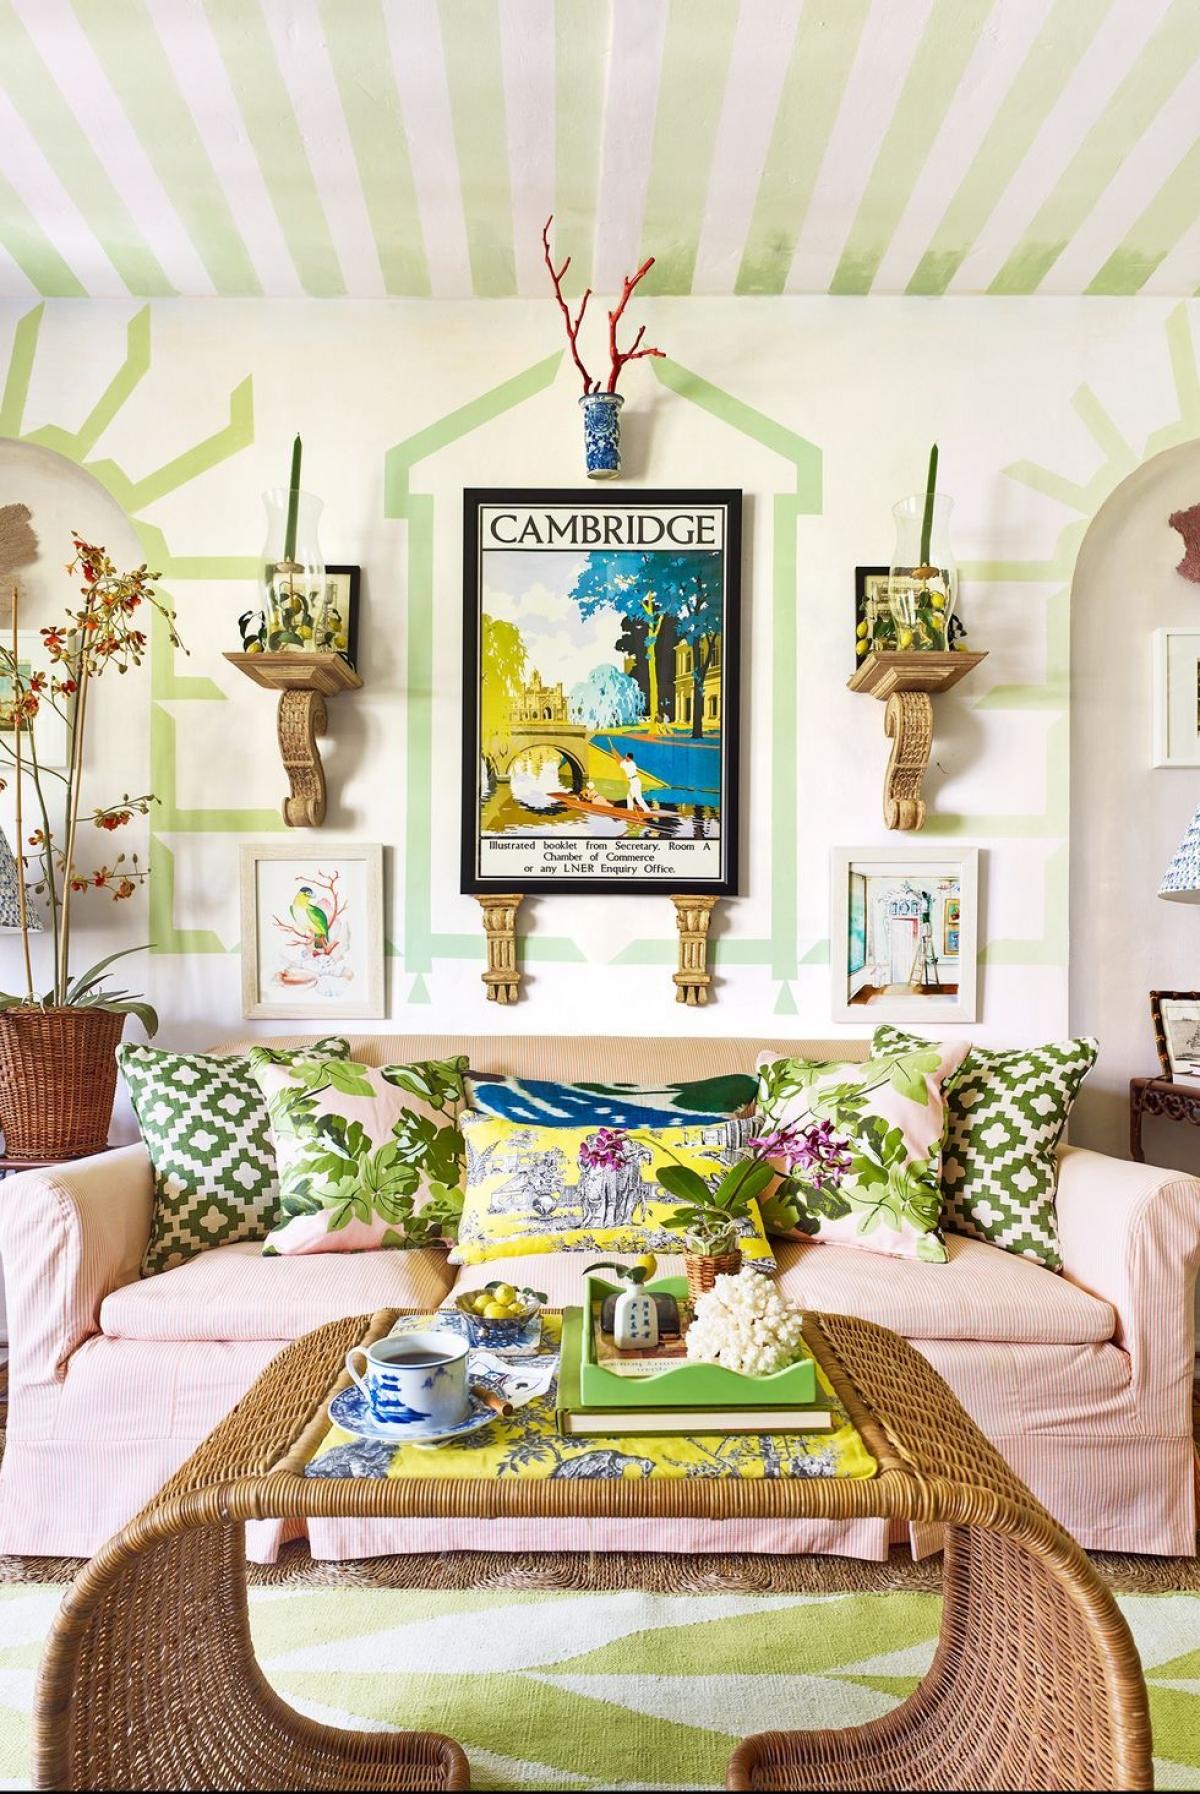 """Sắc màu nhiệt đới:Vào màu hè, bạn có thể """"phóng tay""""sử dụng những màu sắc nhiệt đới cho căn hộ của mình: màu san hô, màu xanh lá chanh, màu đỏ, màu vàng, màu da cam... Nếu ngần ngại chúng quá rực rỡ, bạn có thể tạo một điểm nhấn trong căn phòng."""